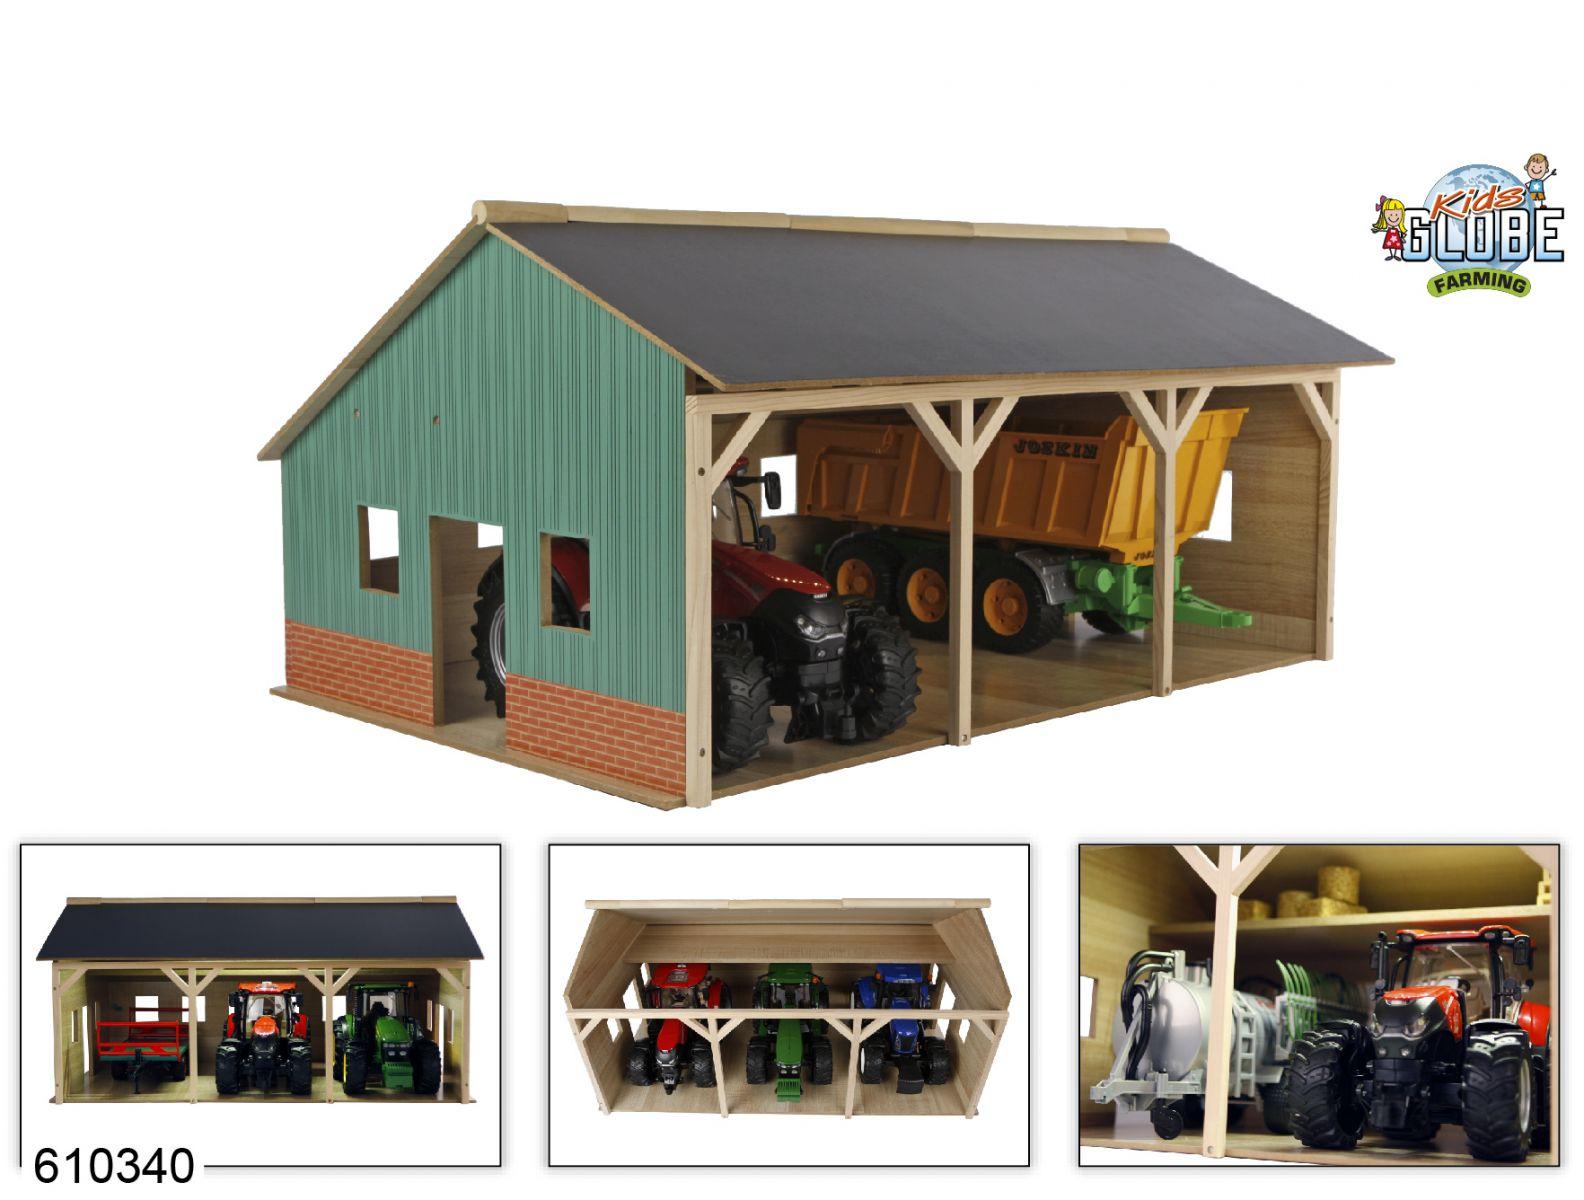 Kids Globe Landbouwloods voor 3 tractoren (1:16)